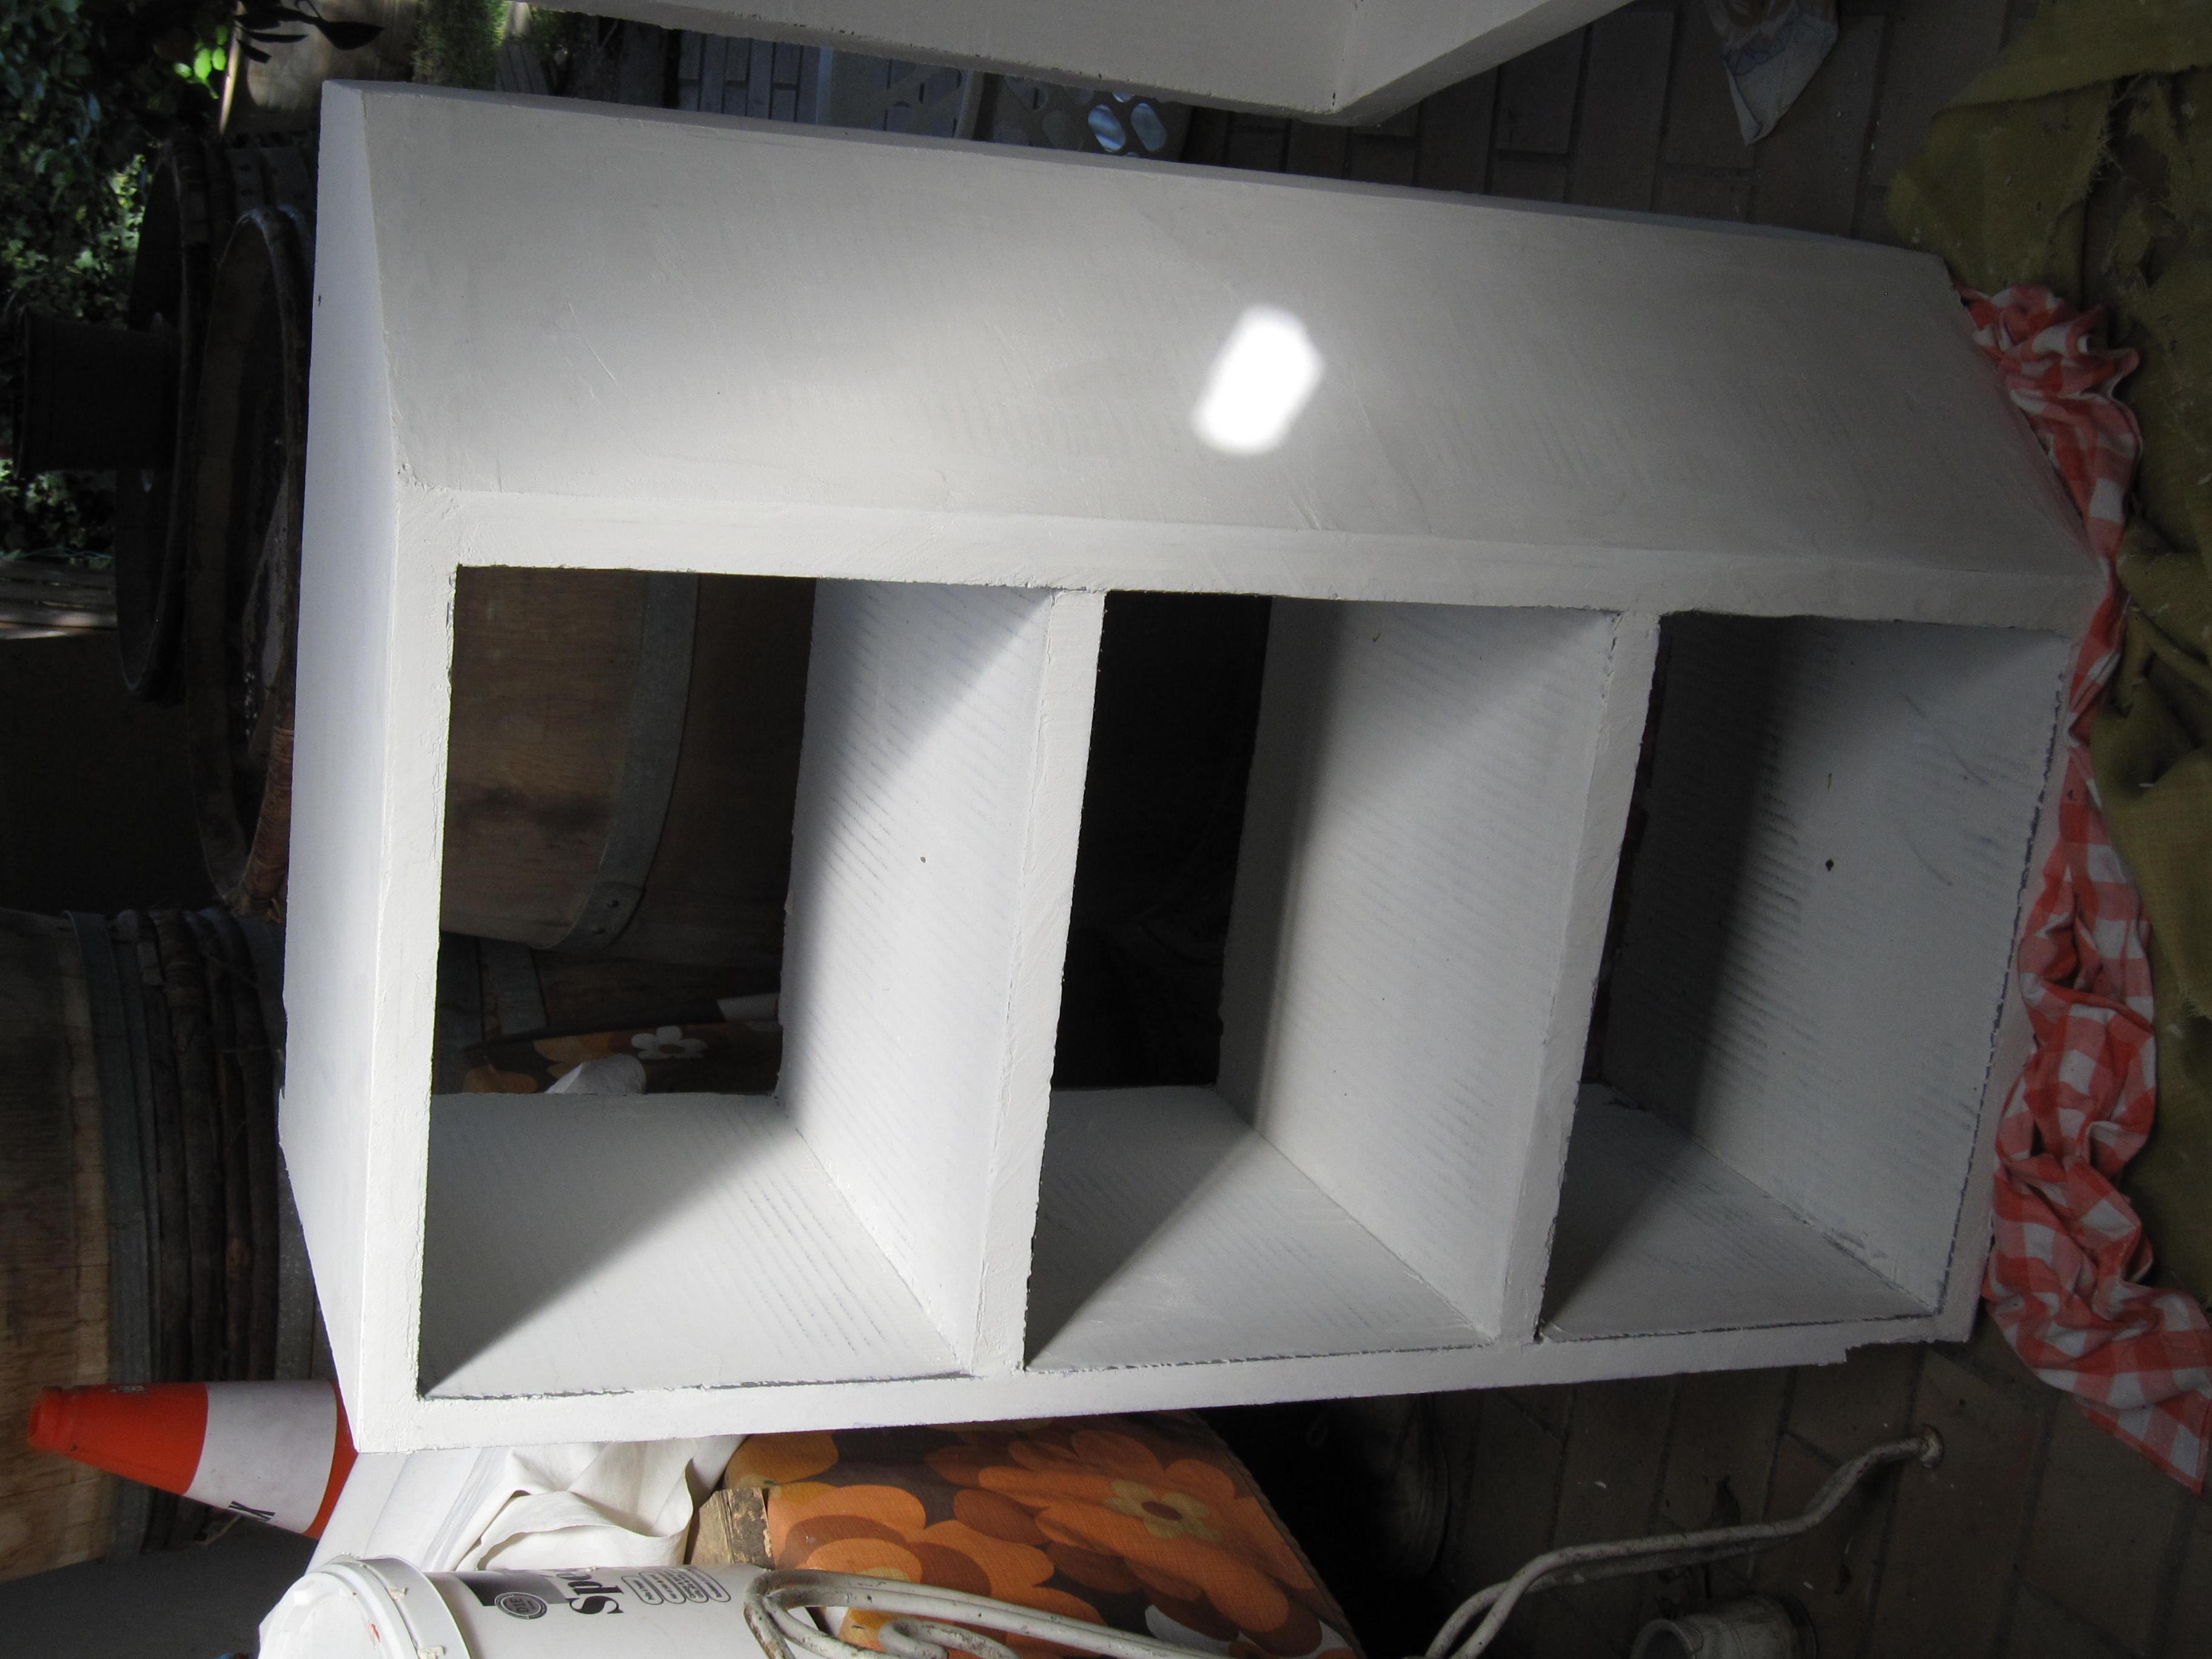 Construire Un Meuble Tv Moderne Artzein Com # Meuble Tv Siporex